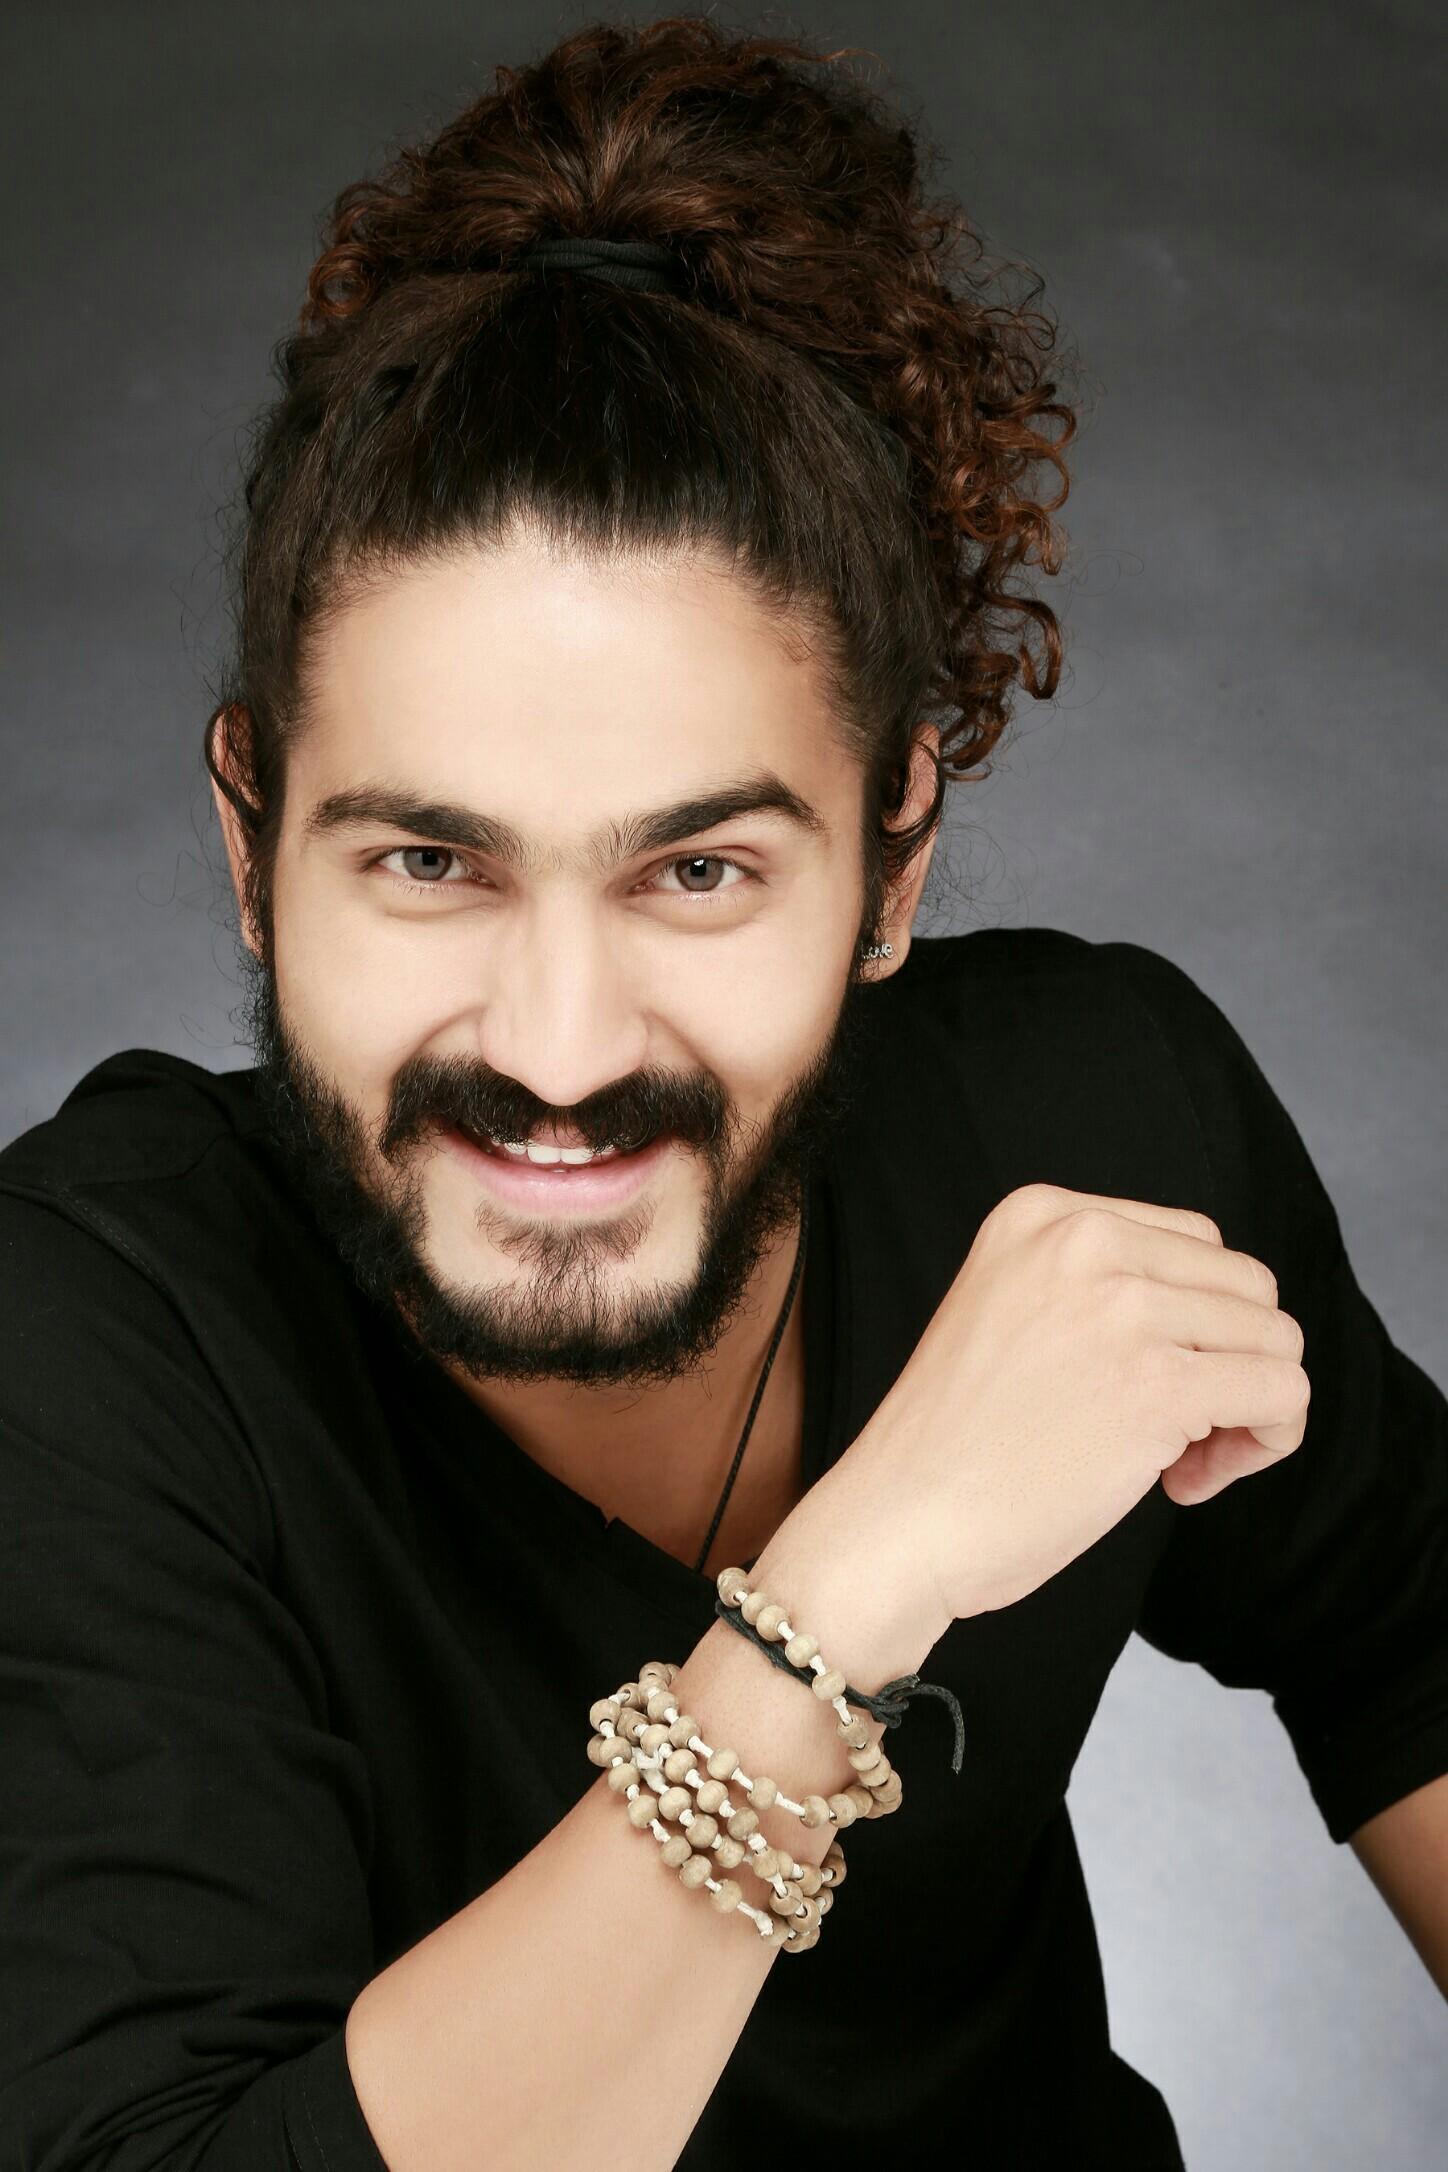 Deepak actor, Mumbai | talentrack